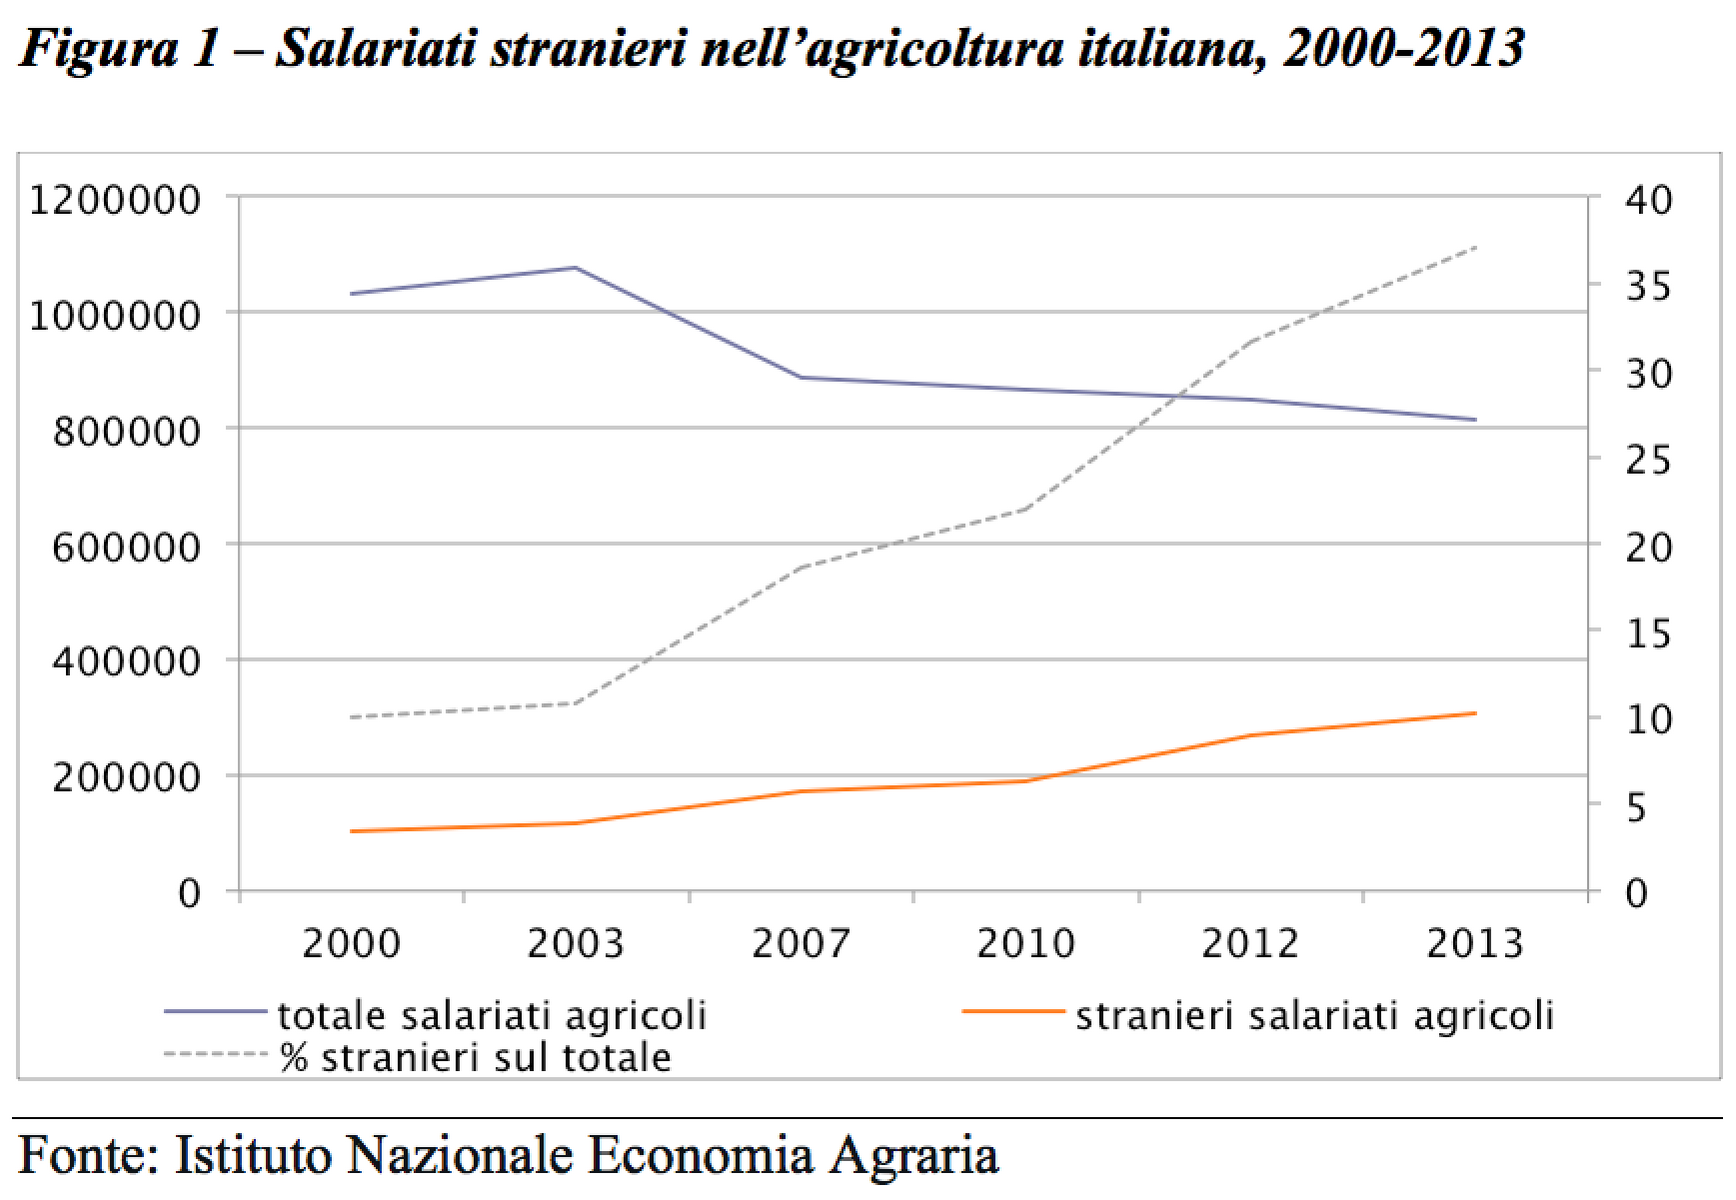 aziende agricole e unit rurali di superare tempi difficili contribuendo alla resilienza dell agricoltura e del mondo rurale in generale figura 1